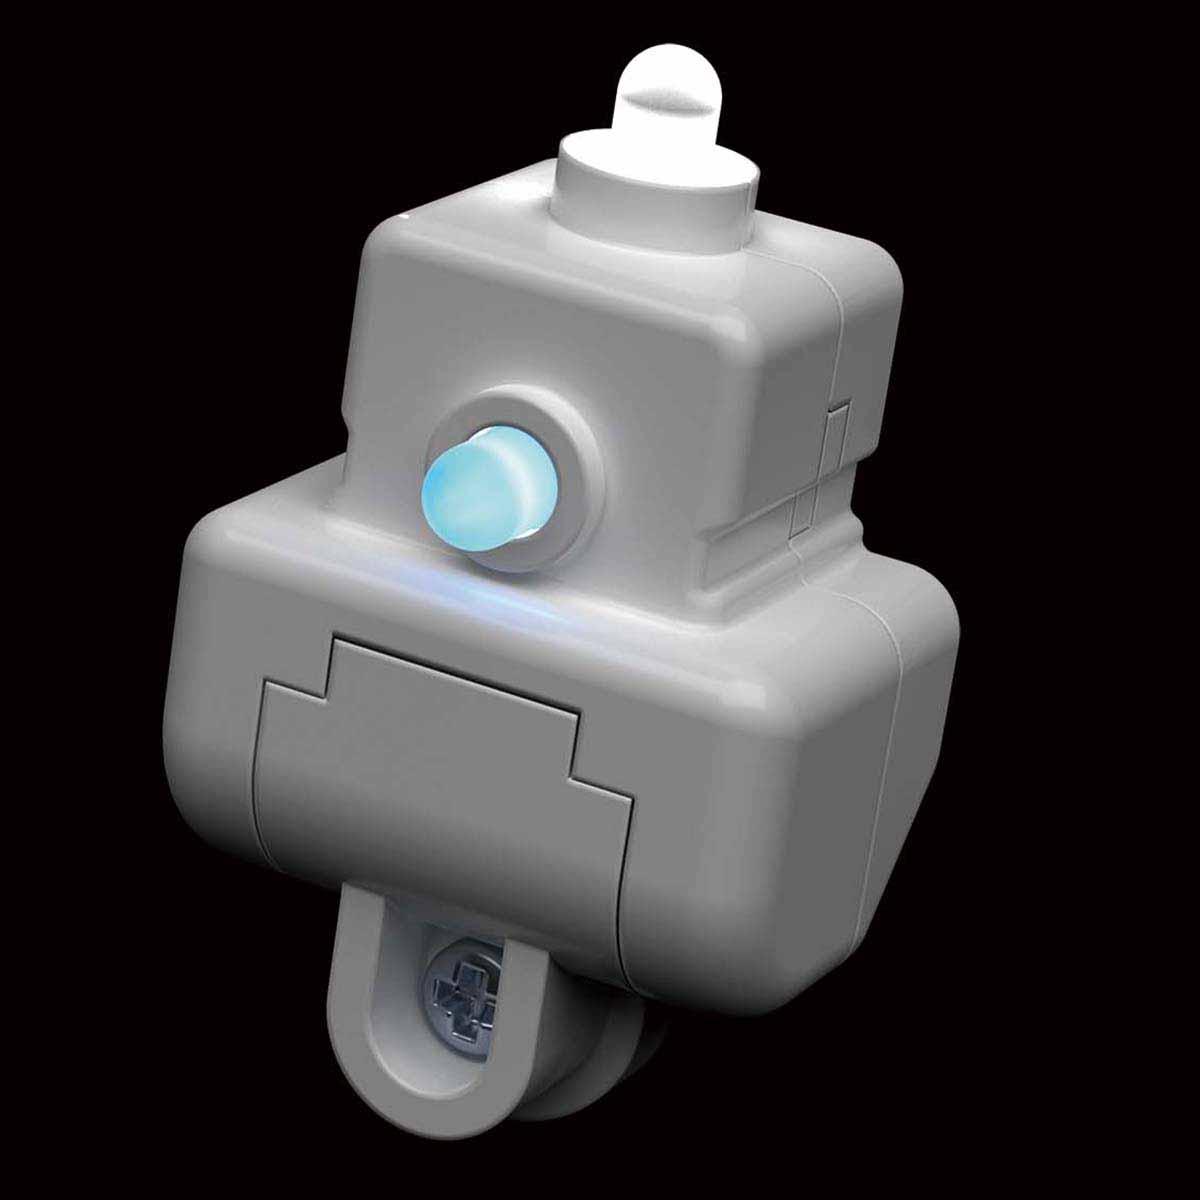 LEDユニット デュアルタイプ(ホワイト_ブルー/レッド)